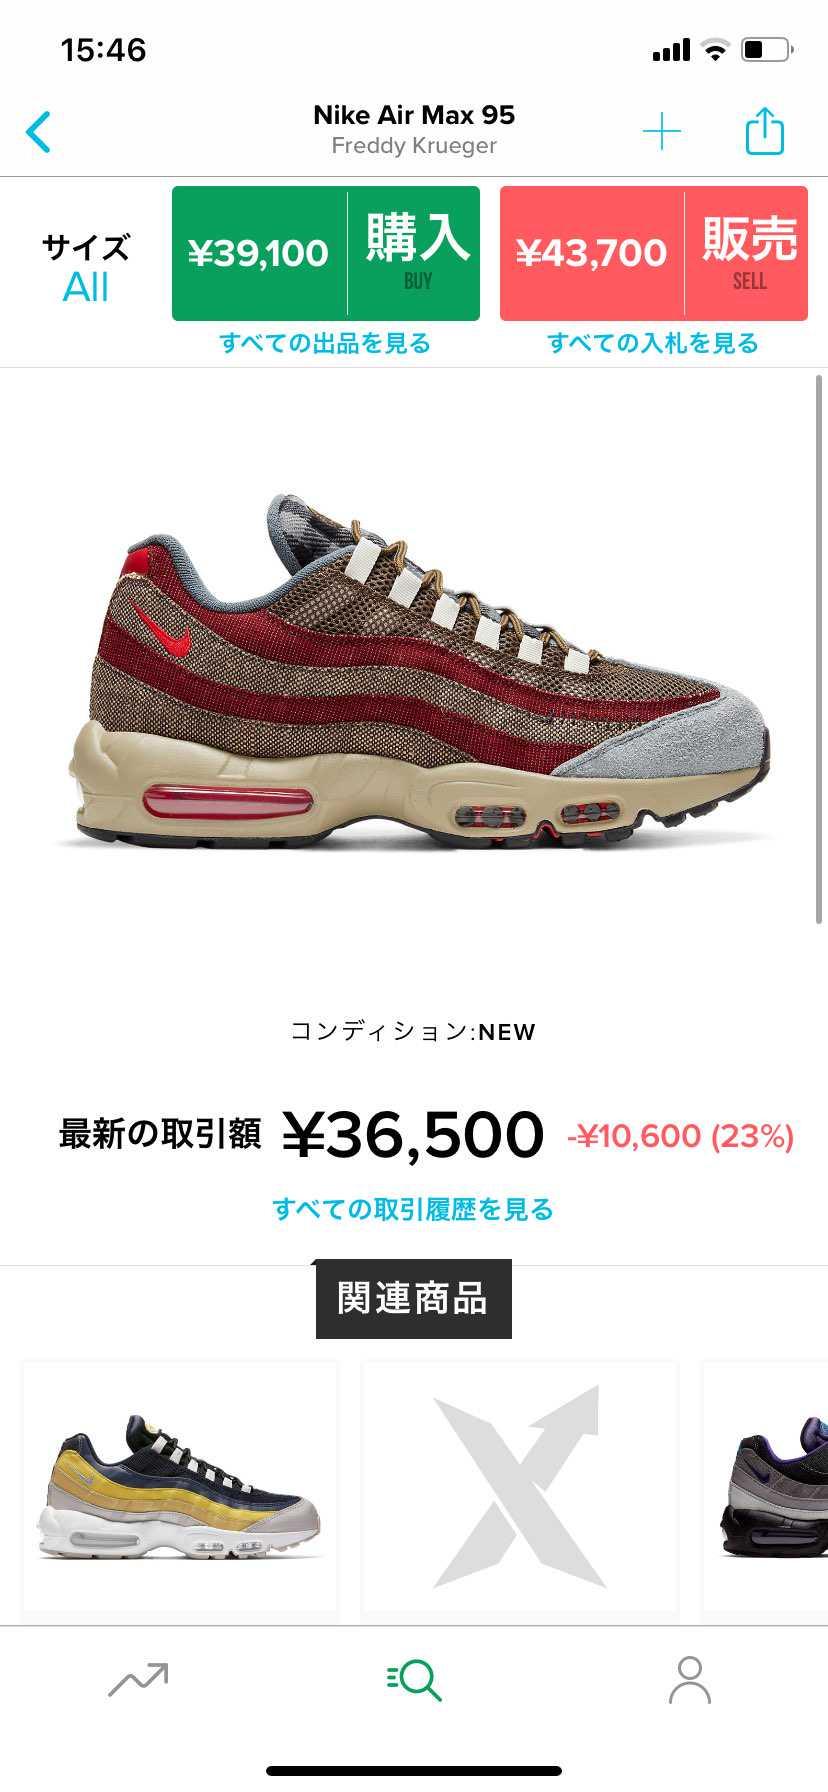 日本で発売ないかなー かっこいい